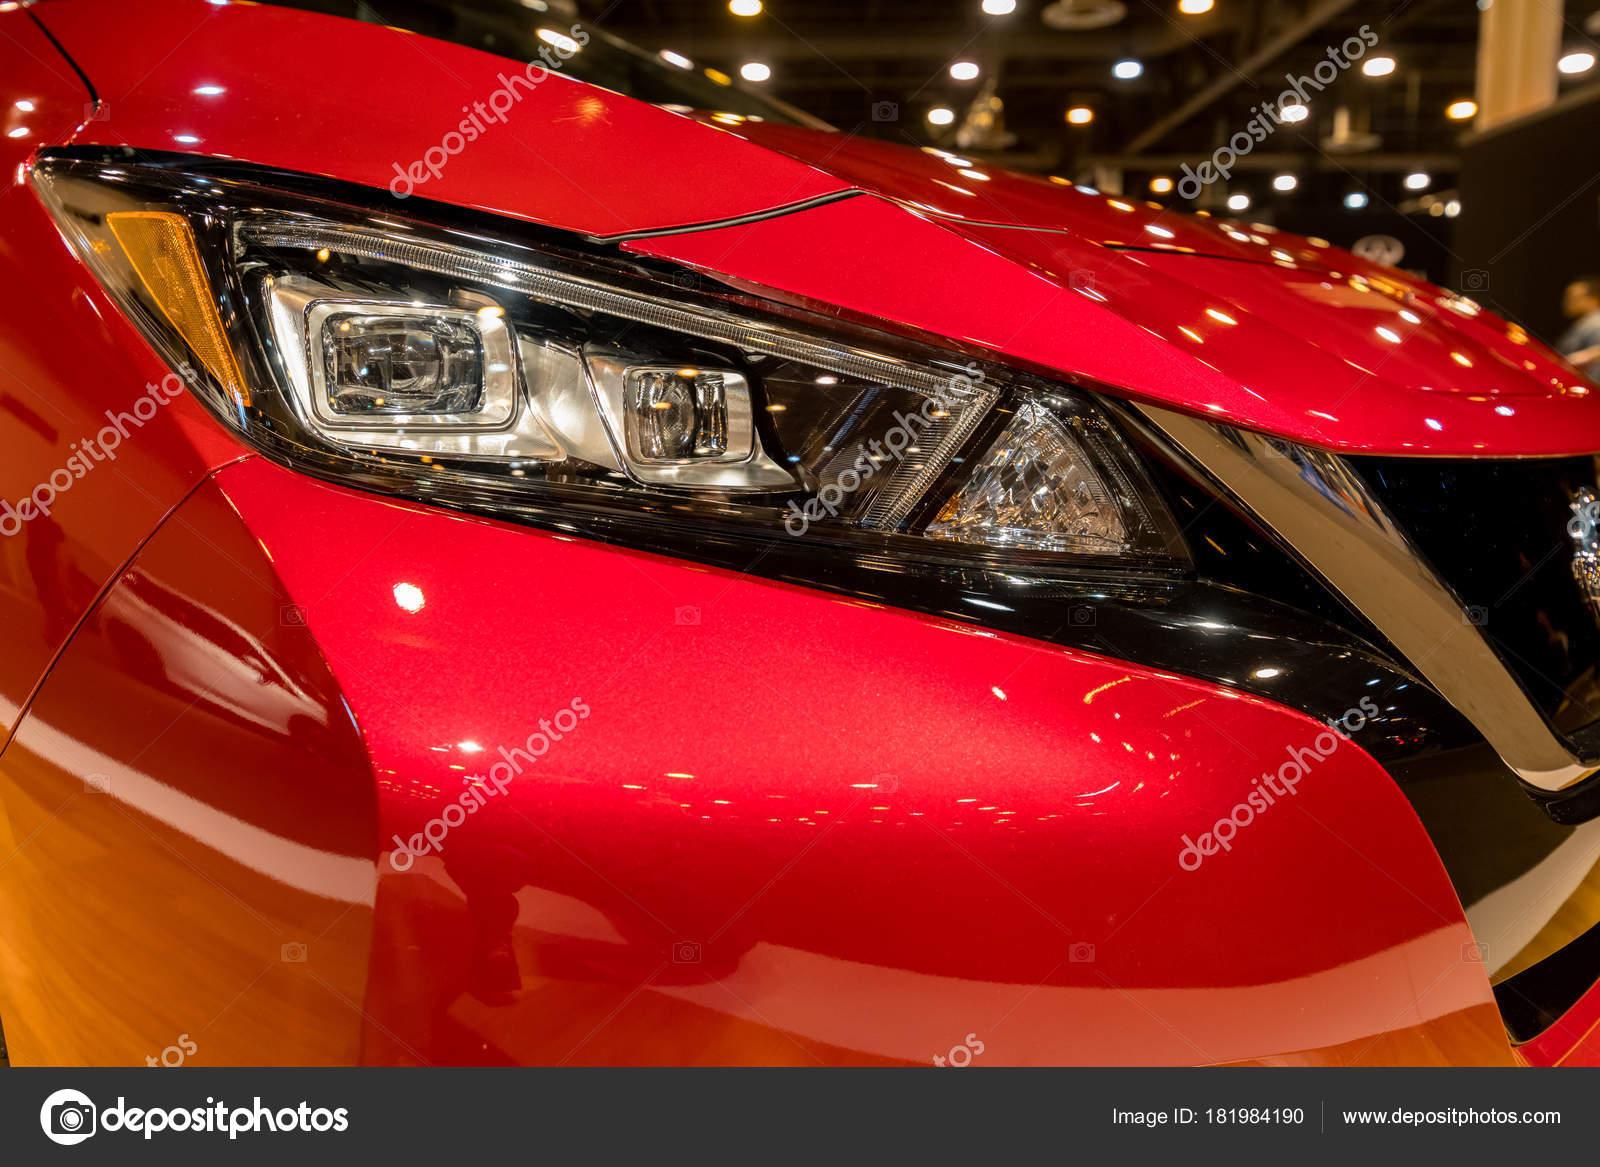 Nieuwe 2018 Nissan Leaf Elektrische Auto Redactionele Stockfoto